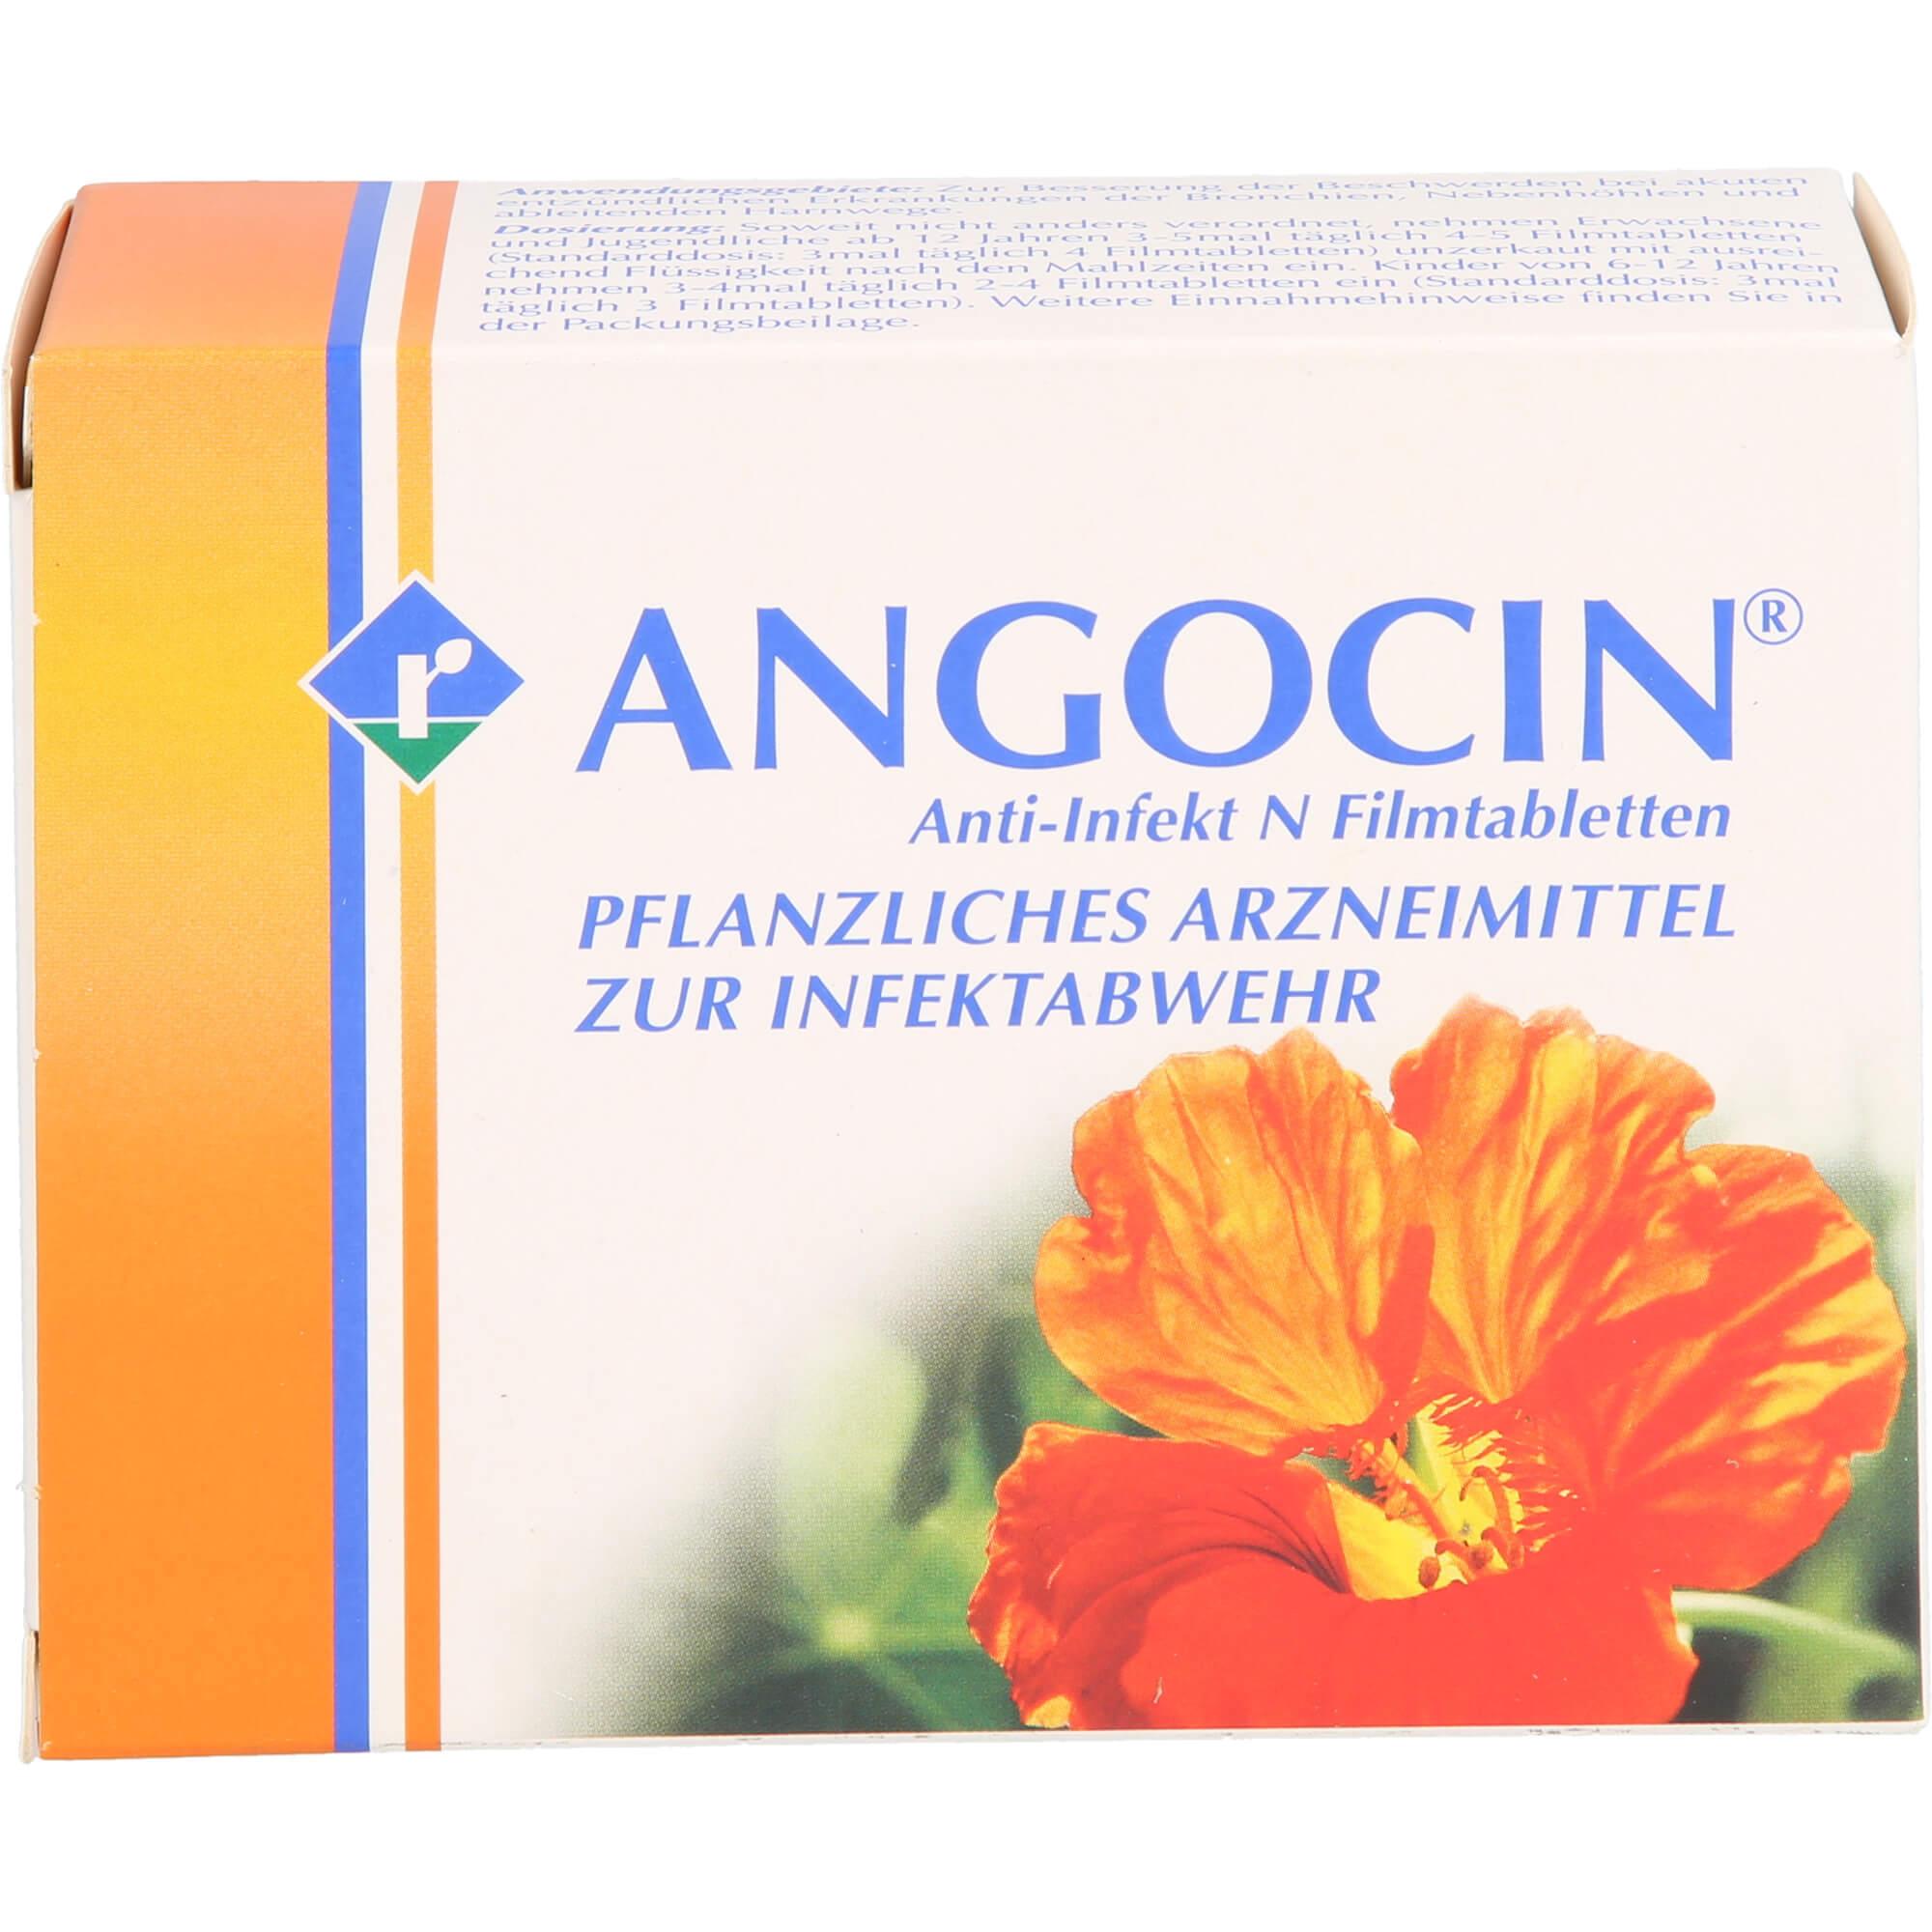 ANGOCIN-Anti-Infekt-N-Filmtabletten